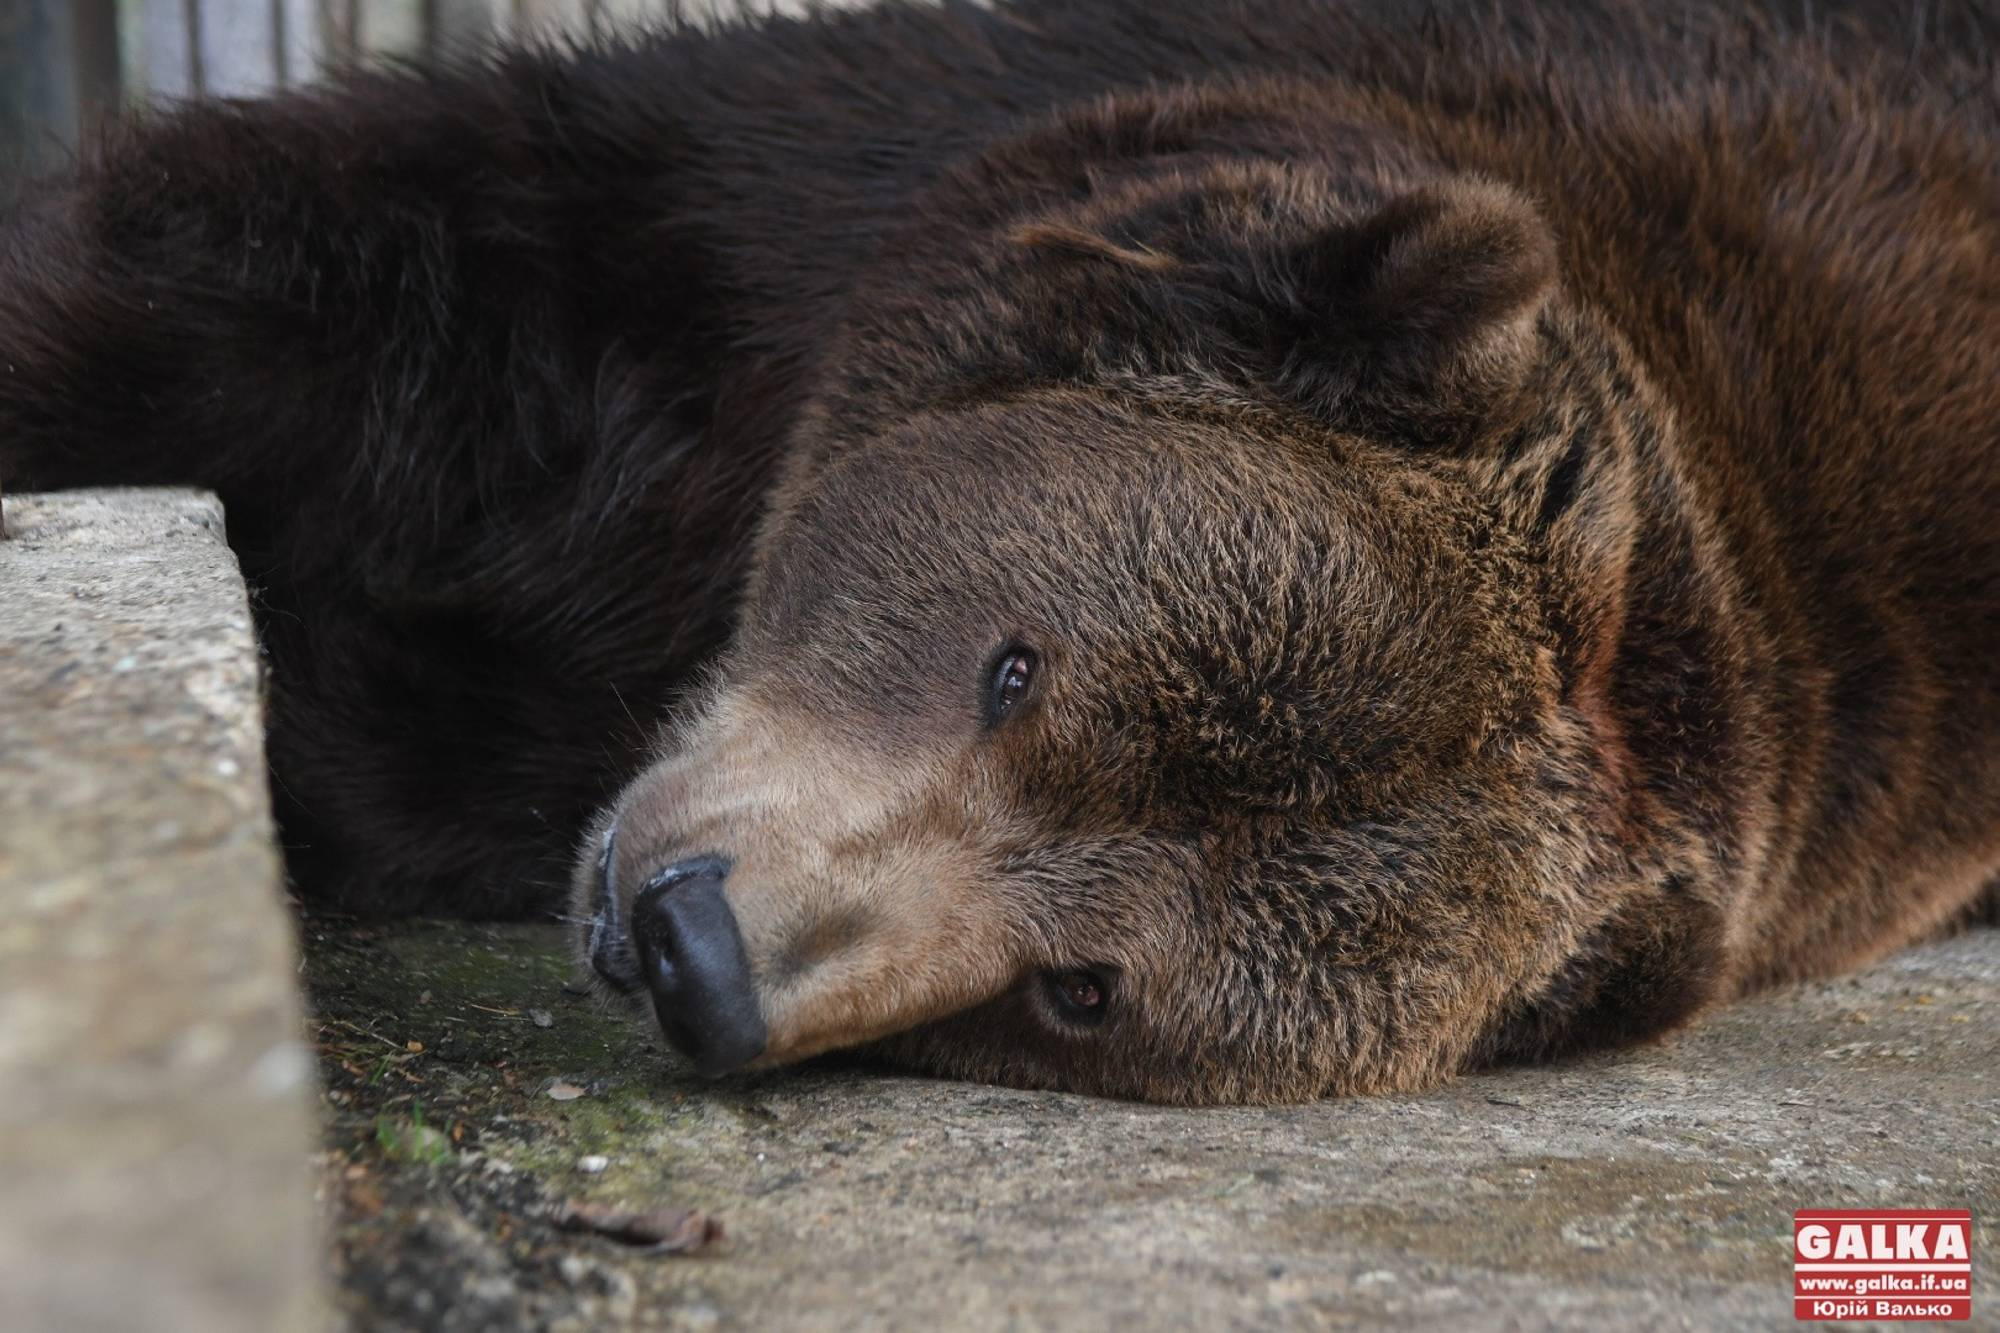 Не пережив операцію: помер ведмідь Юра, якого екоінспекція вилучила з косівського ресторану